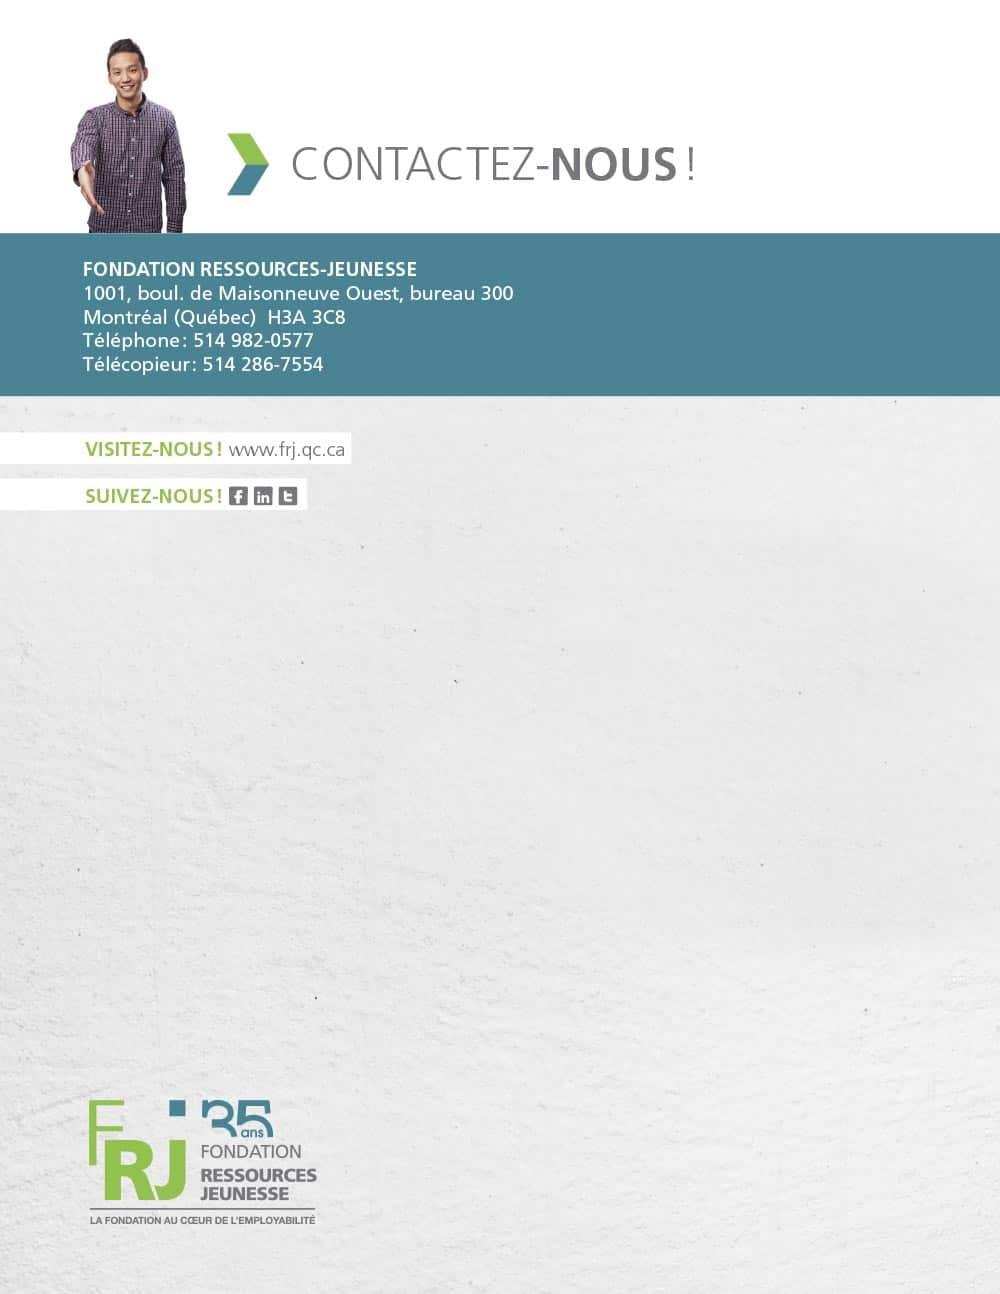 graphisme du rapport annuel de la Fondation Ressources Jeunesse 2014-2015